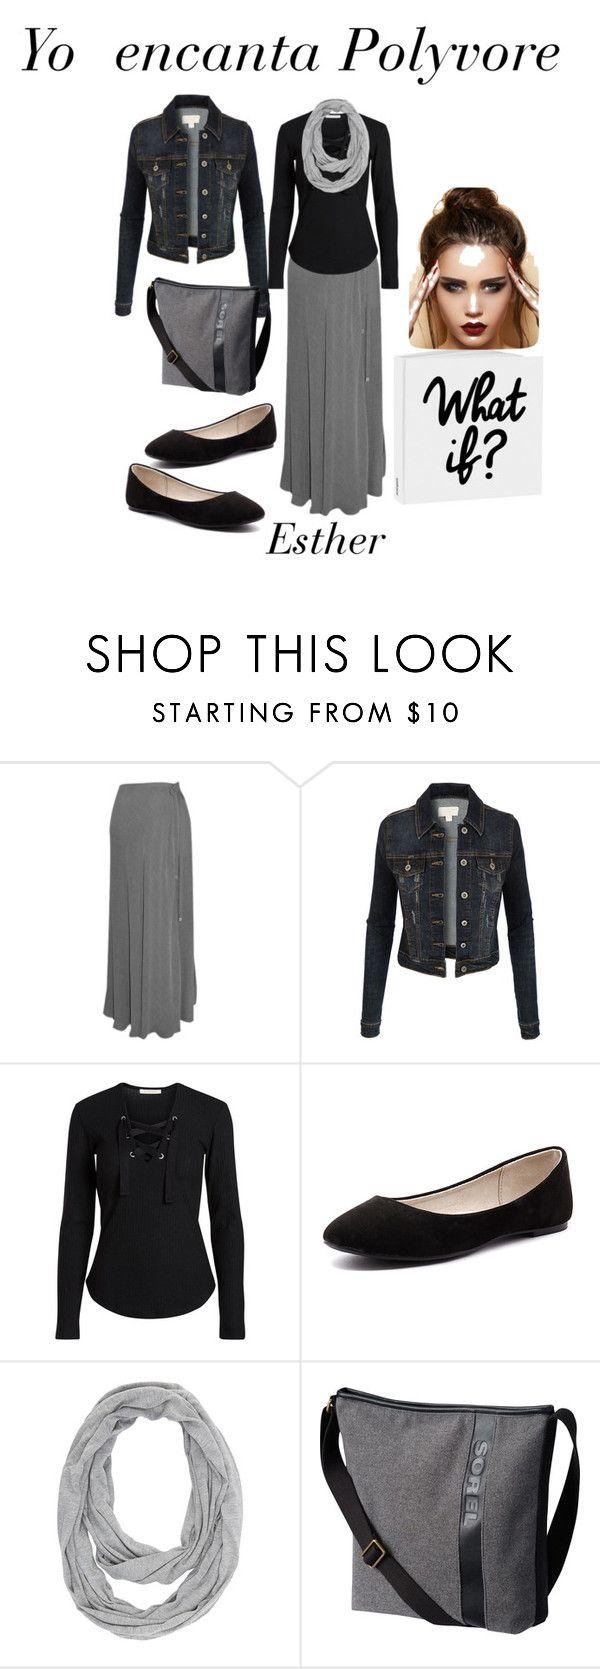 """""""Maxi falda casual"""" by esther-garcia-de-la-cruz on Polyvore featuring moda, Chanel, LE3NO, Verali, Charlotte Russe y SOREL"""